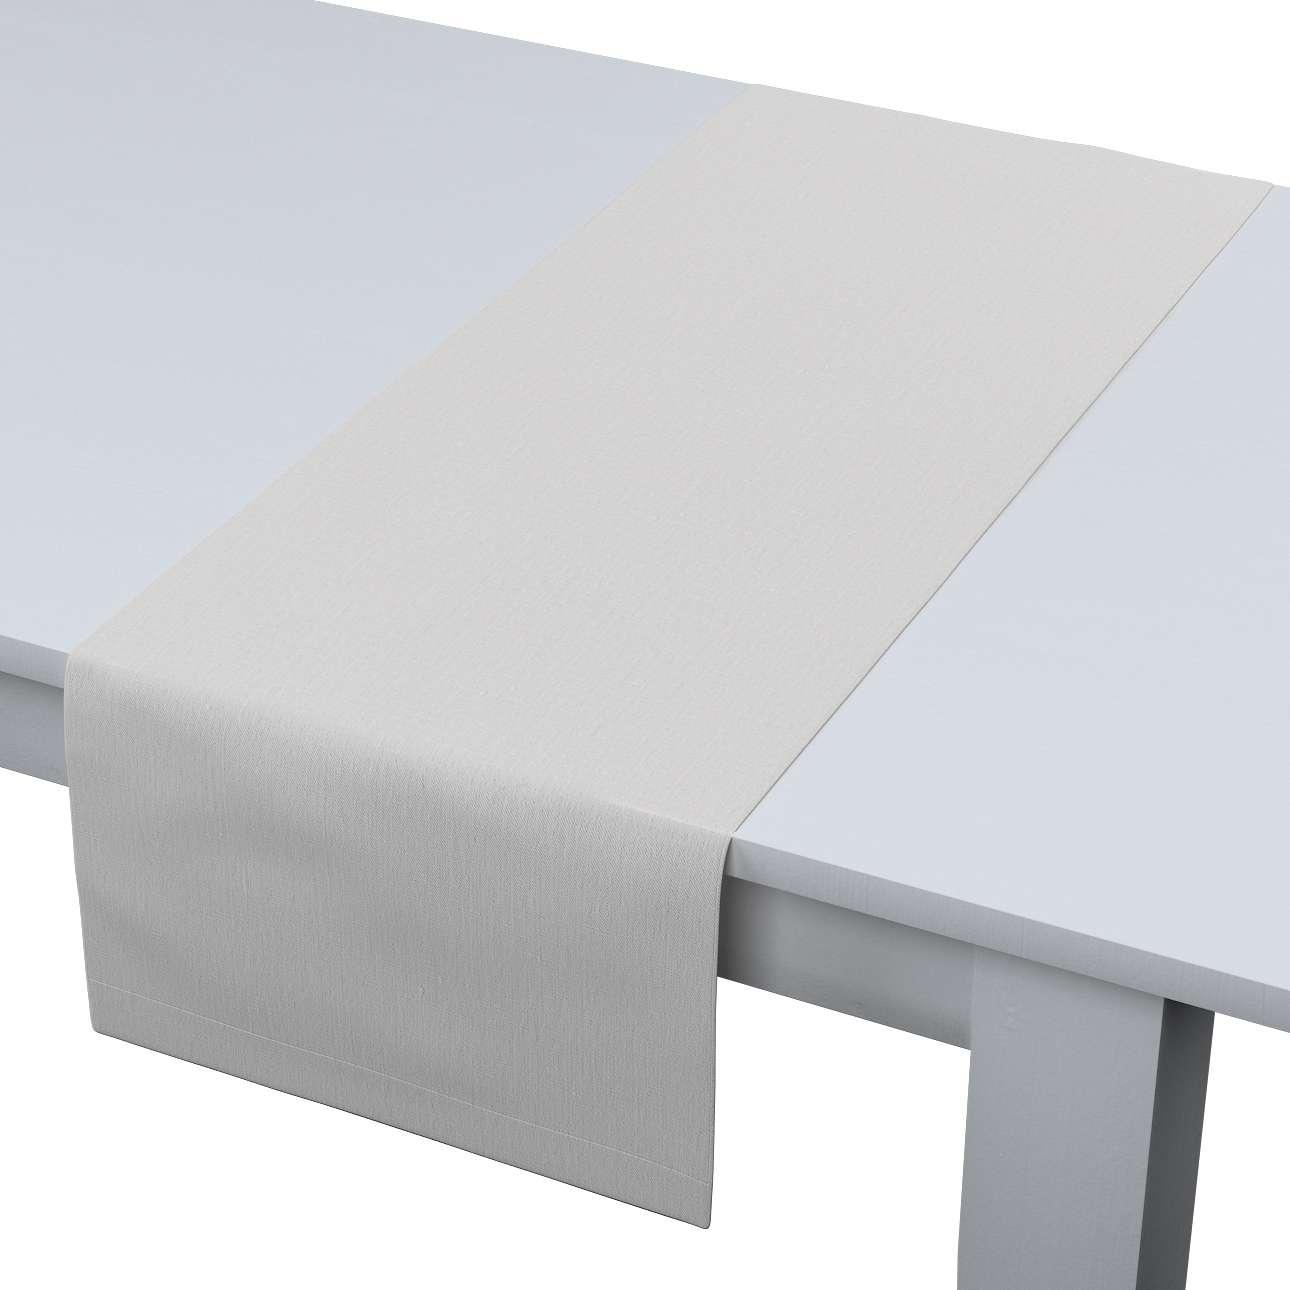 Rechteckiger Tischläufer 40 x 130 cm von der Kollektion Leinen, Stoff: 392-04